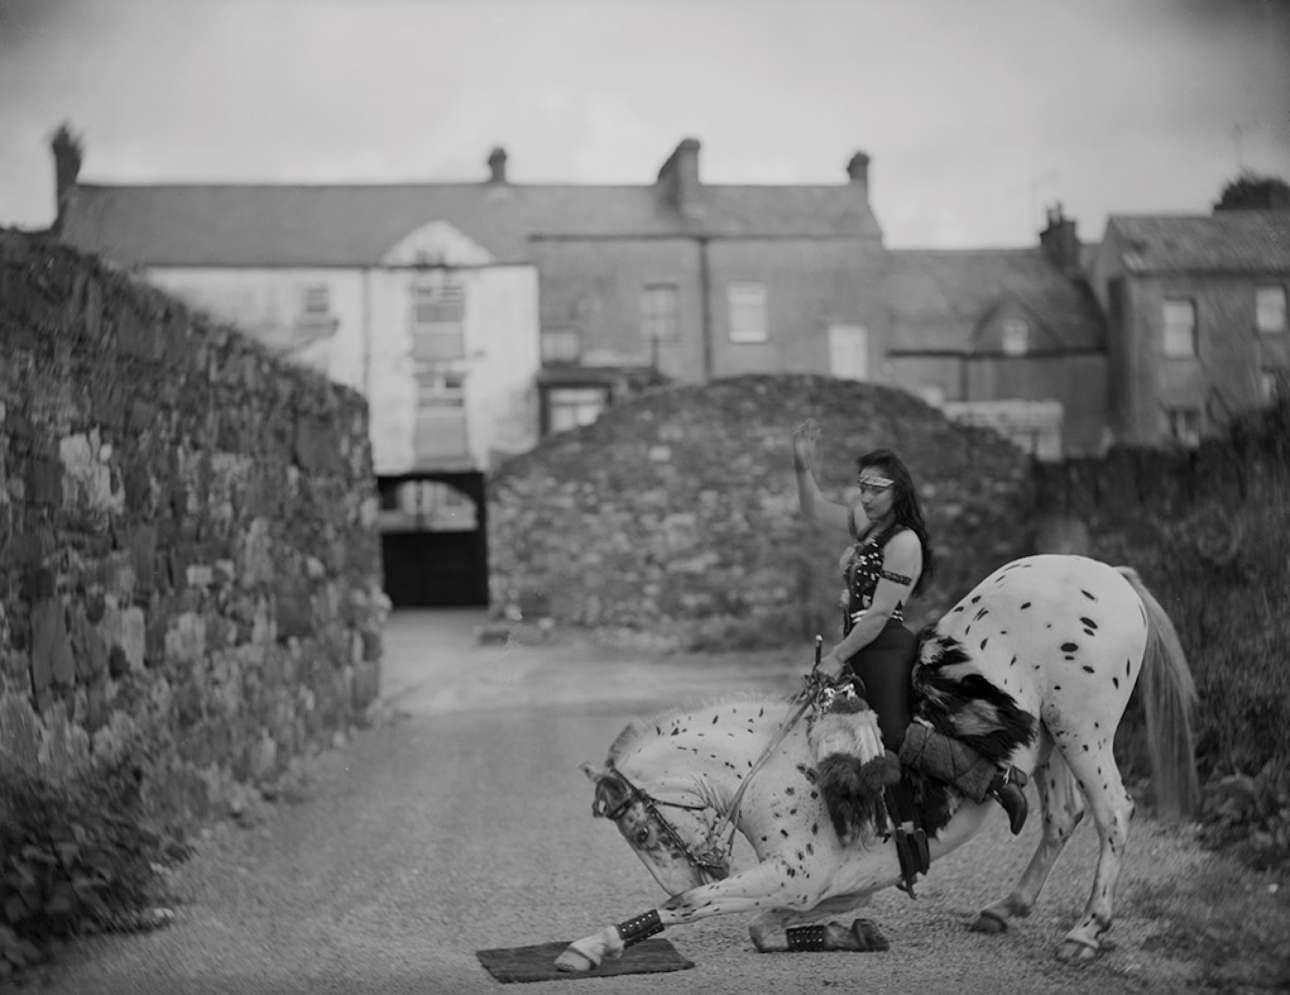 Η Καρολάιν Γκερμπόλα με το άλογο της Κοντσίτα στο τσίρκο Fossett στην Ιρλανδία, το 1986